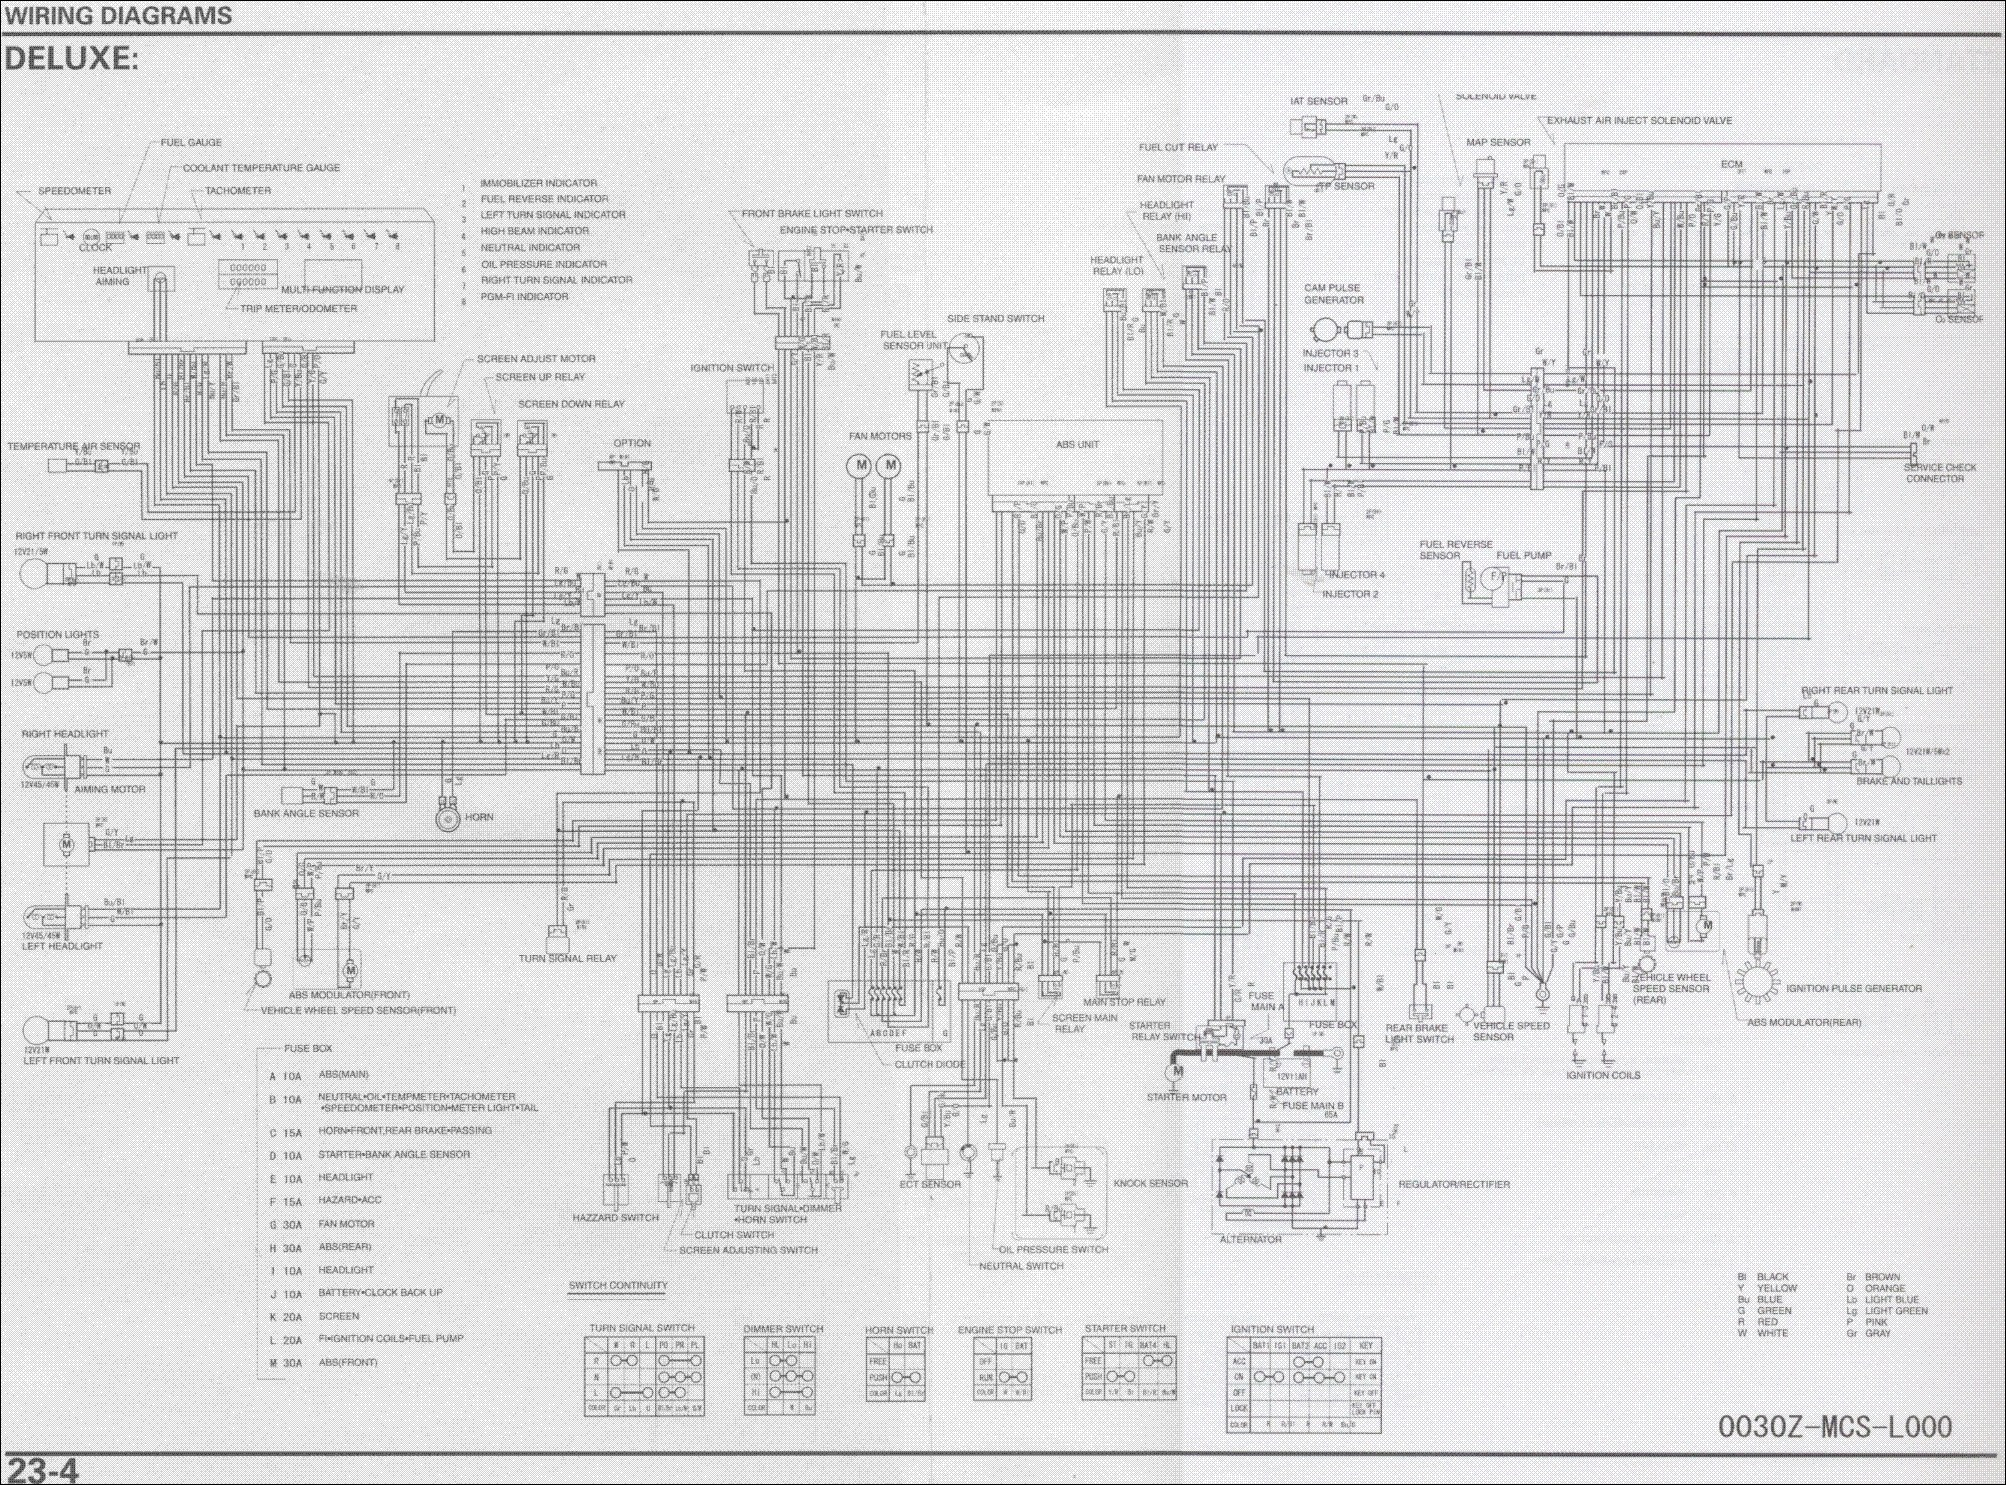 KH_5324] Fjr Wiring Diagram Free DiagramVira Subd Lite Tixat Rosz Trons Mohammedshrine Librar Wiring 101